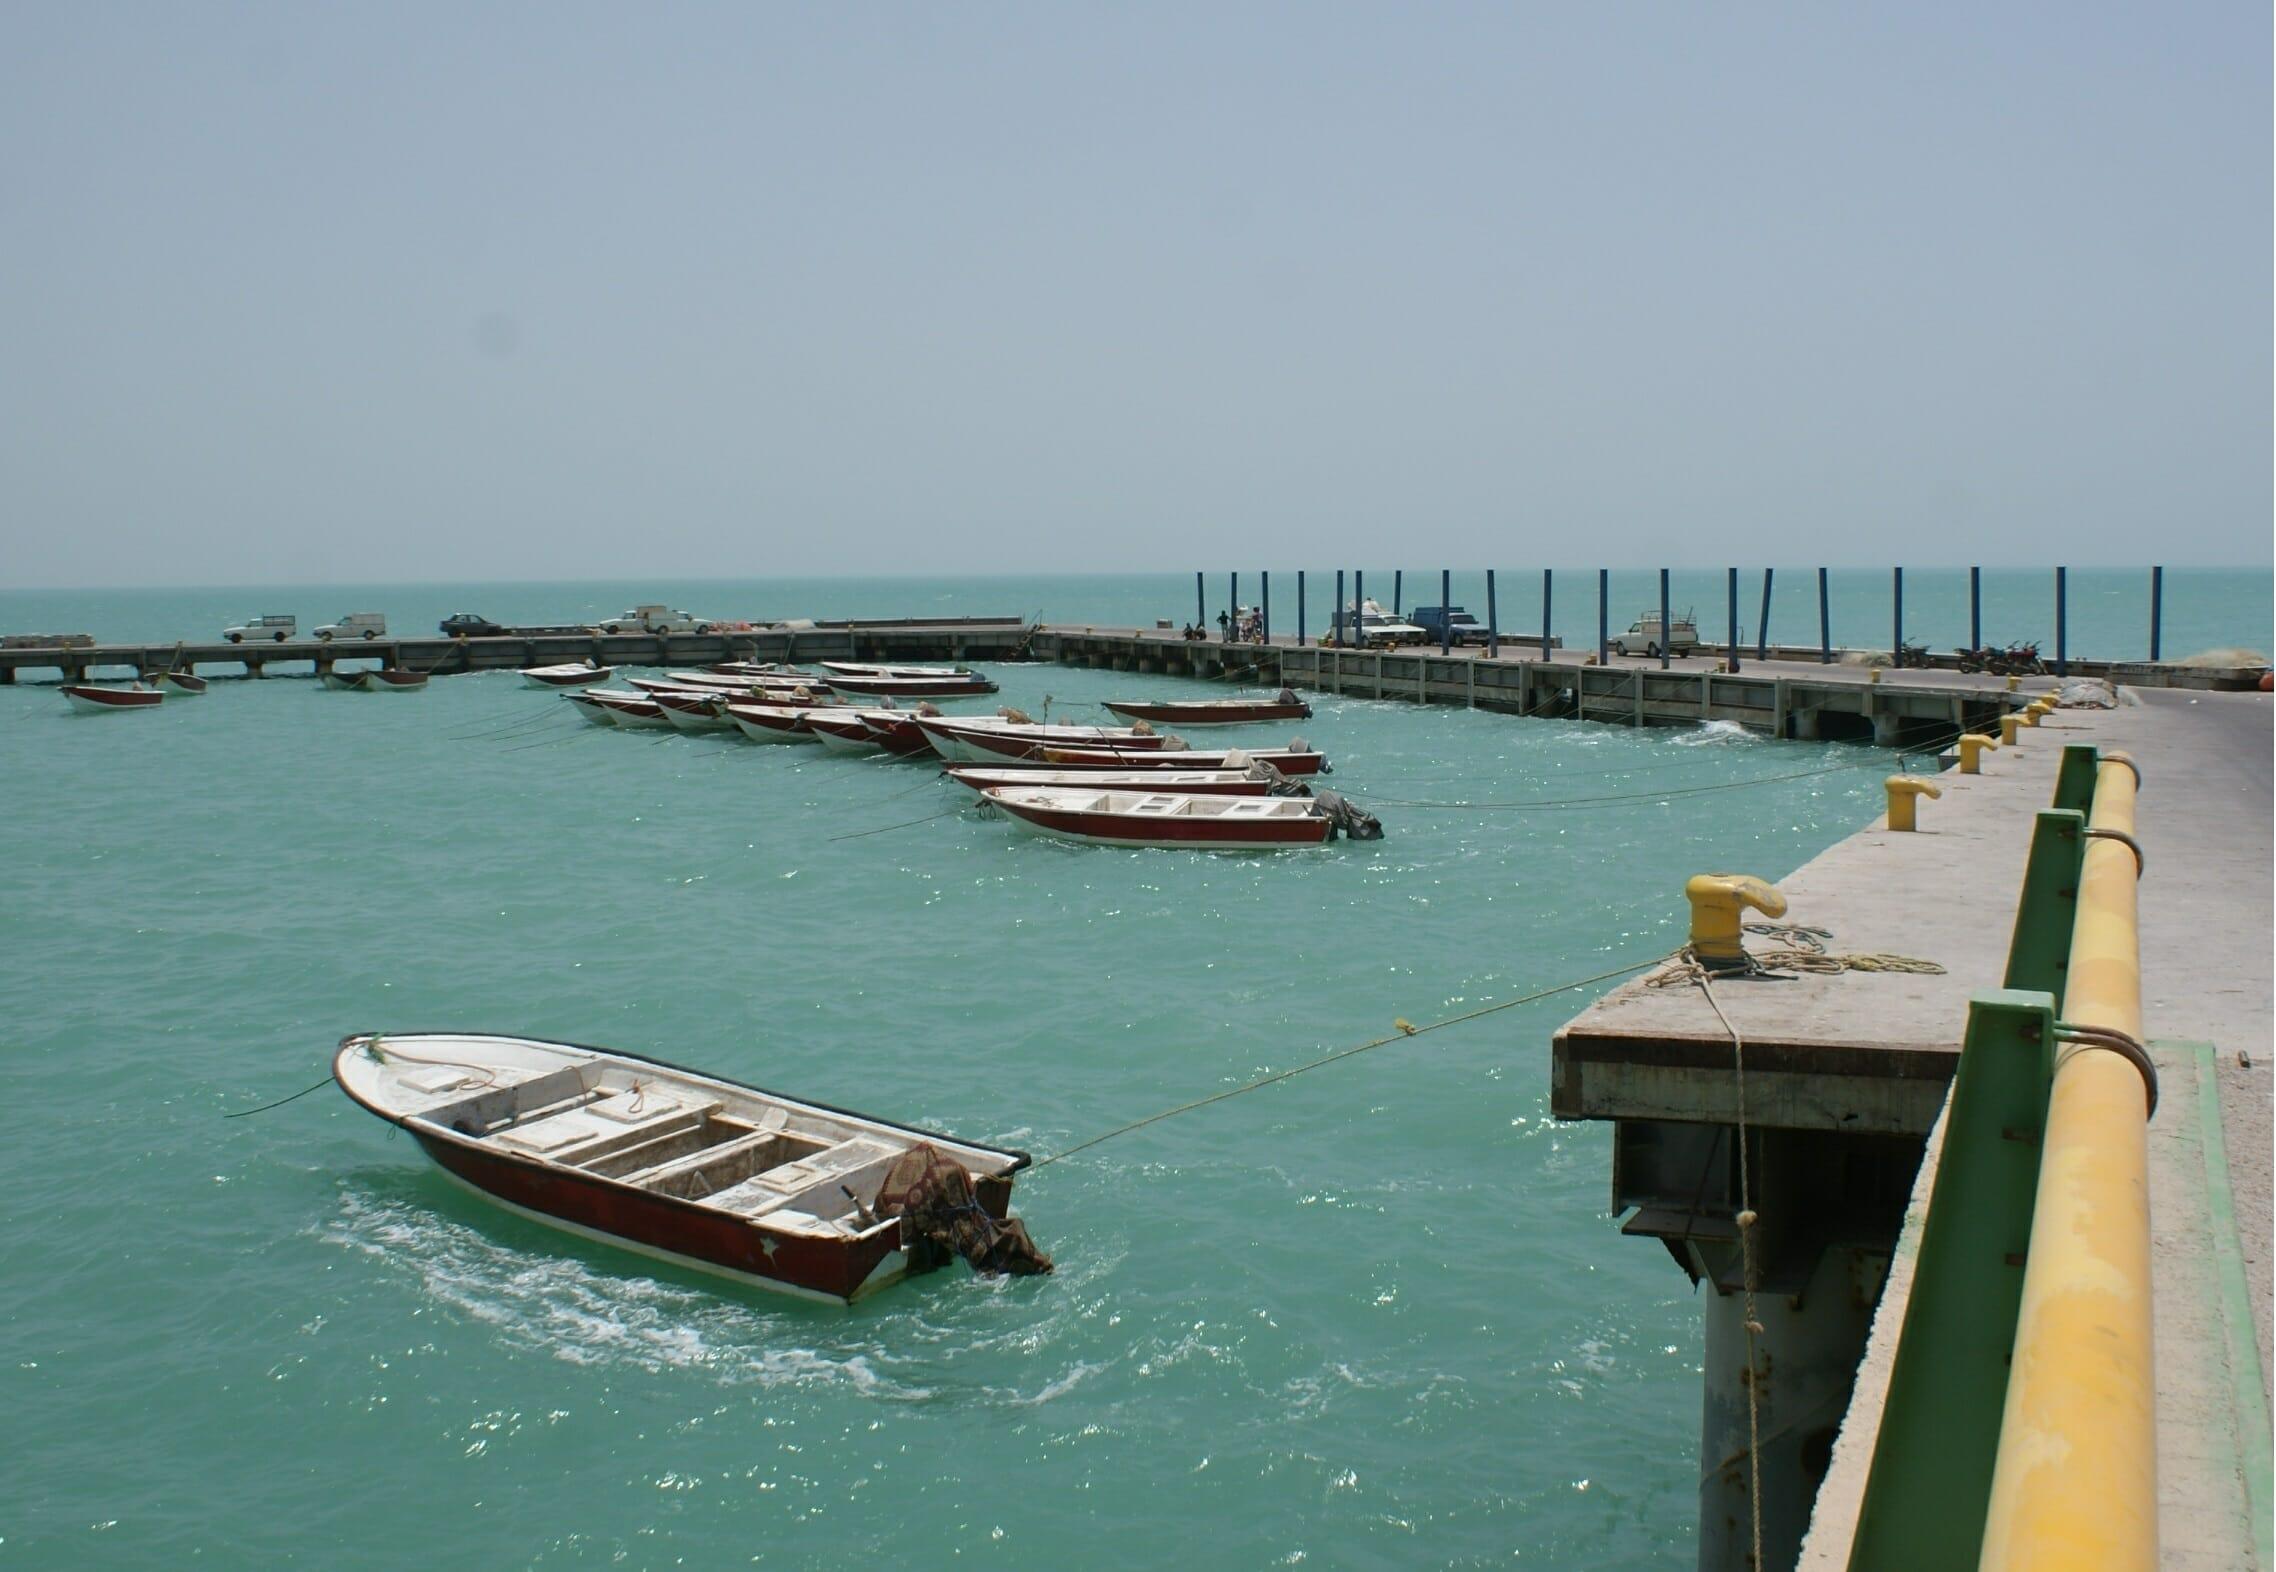 هندیجان، شهر کوچک صیادی که بندری تجاری خواهد شد